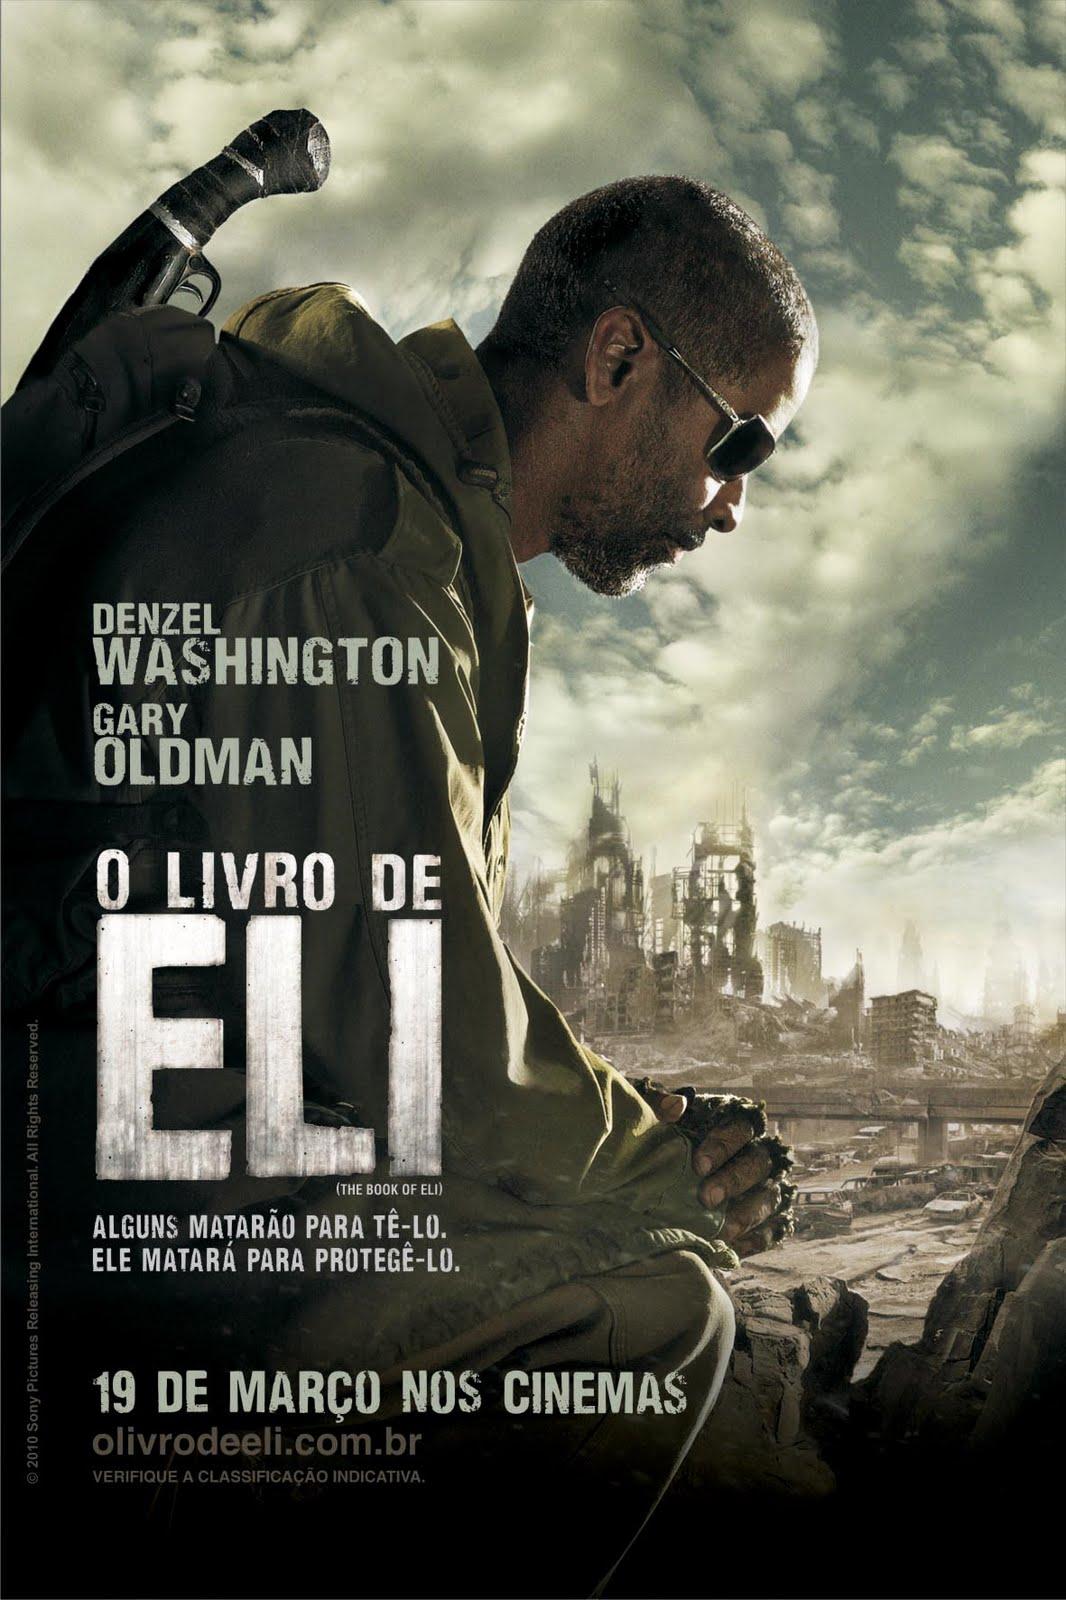 Dicas do Duda: Filme: O Livro de Eli